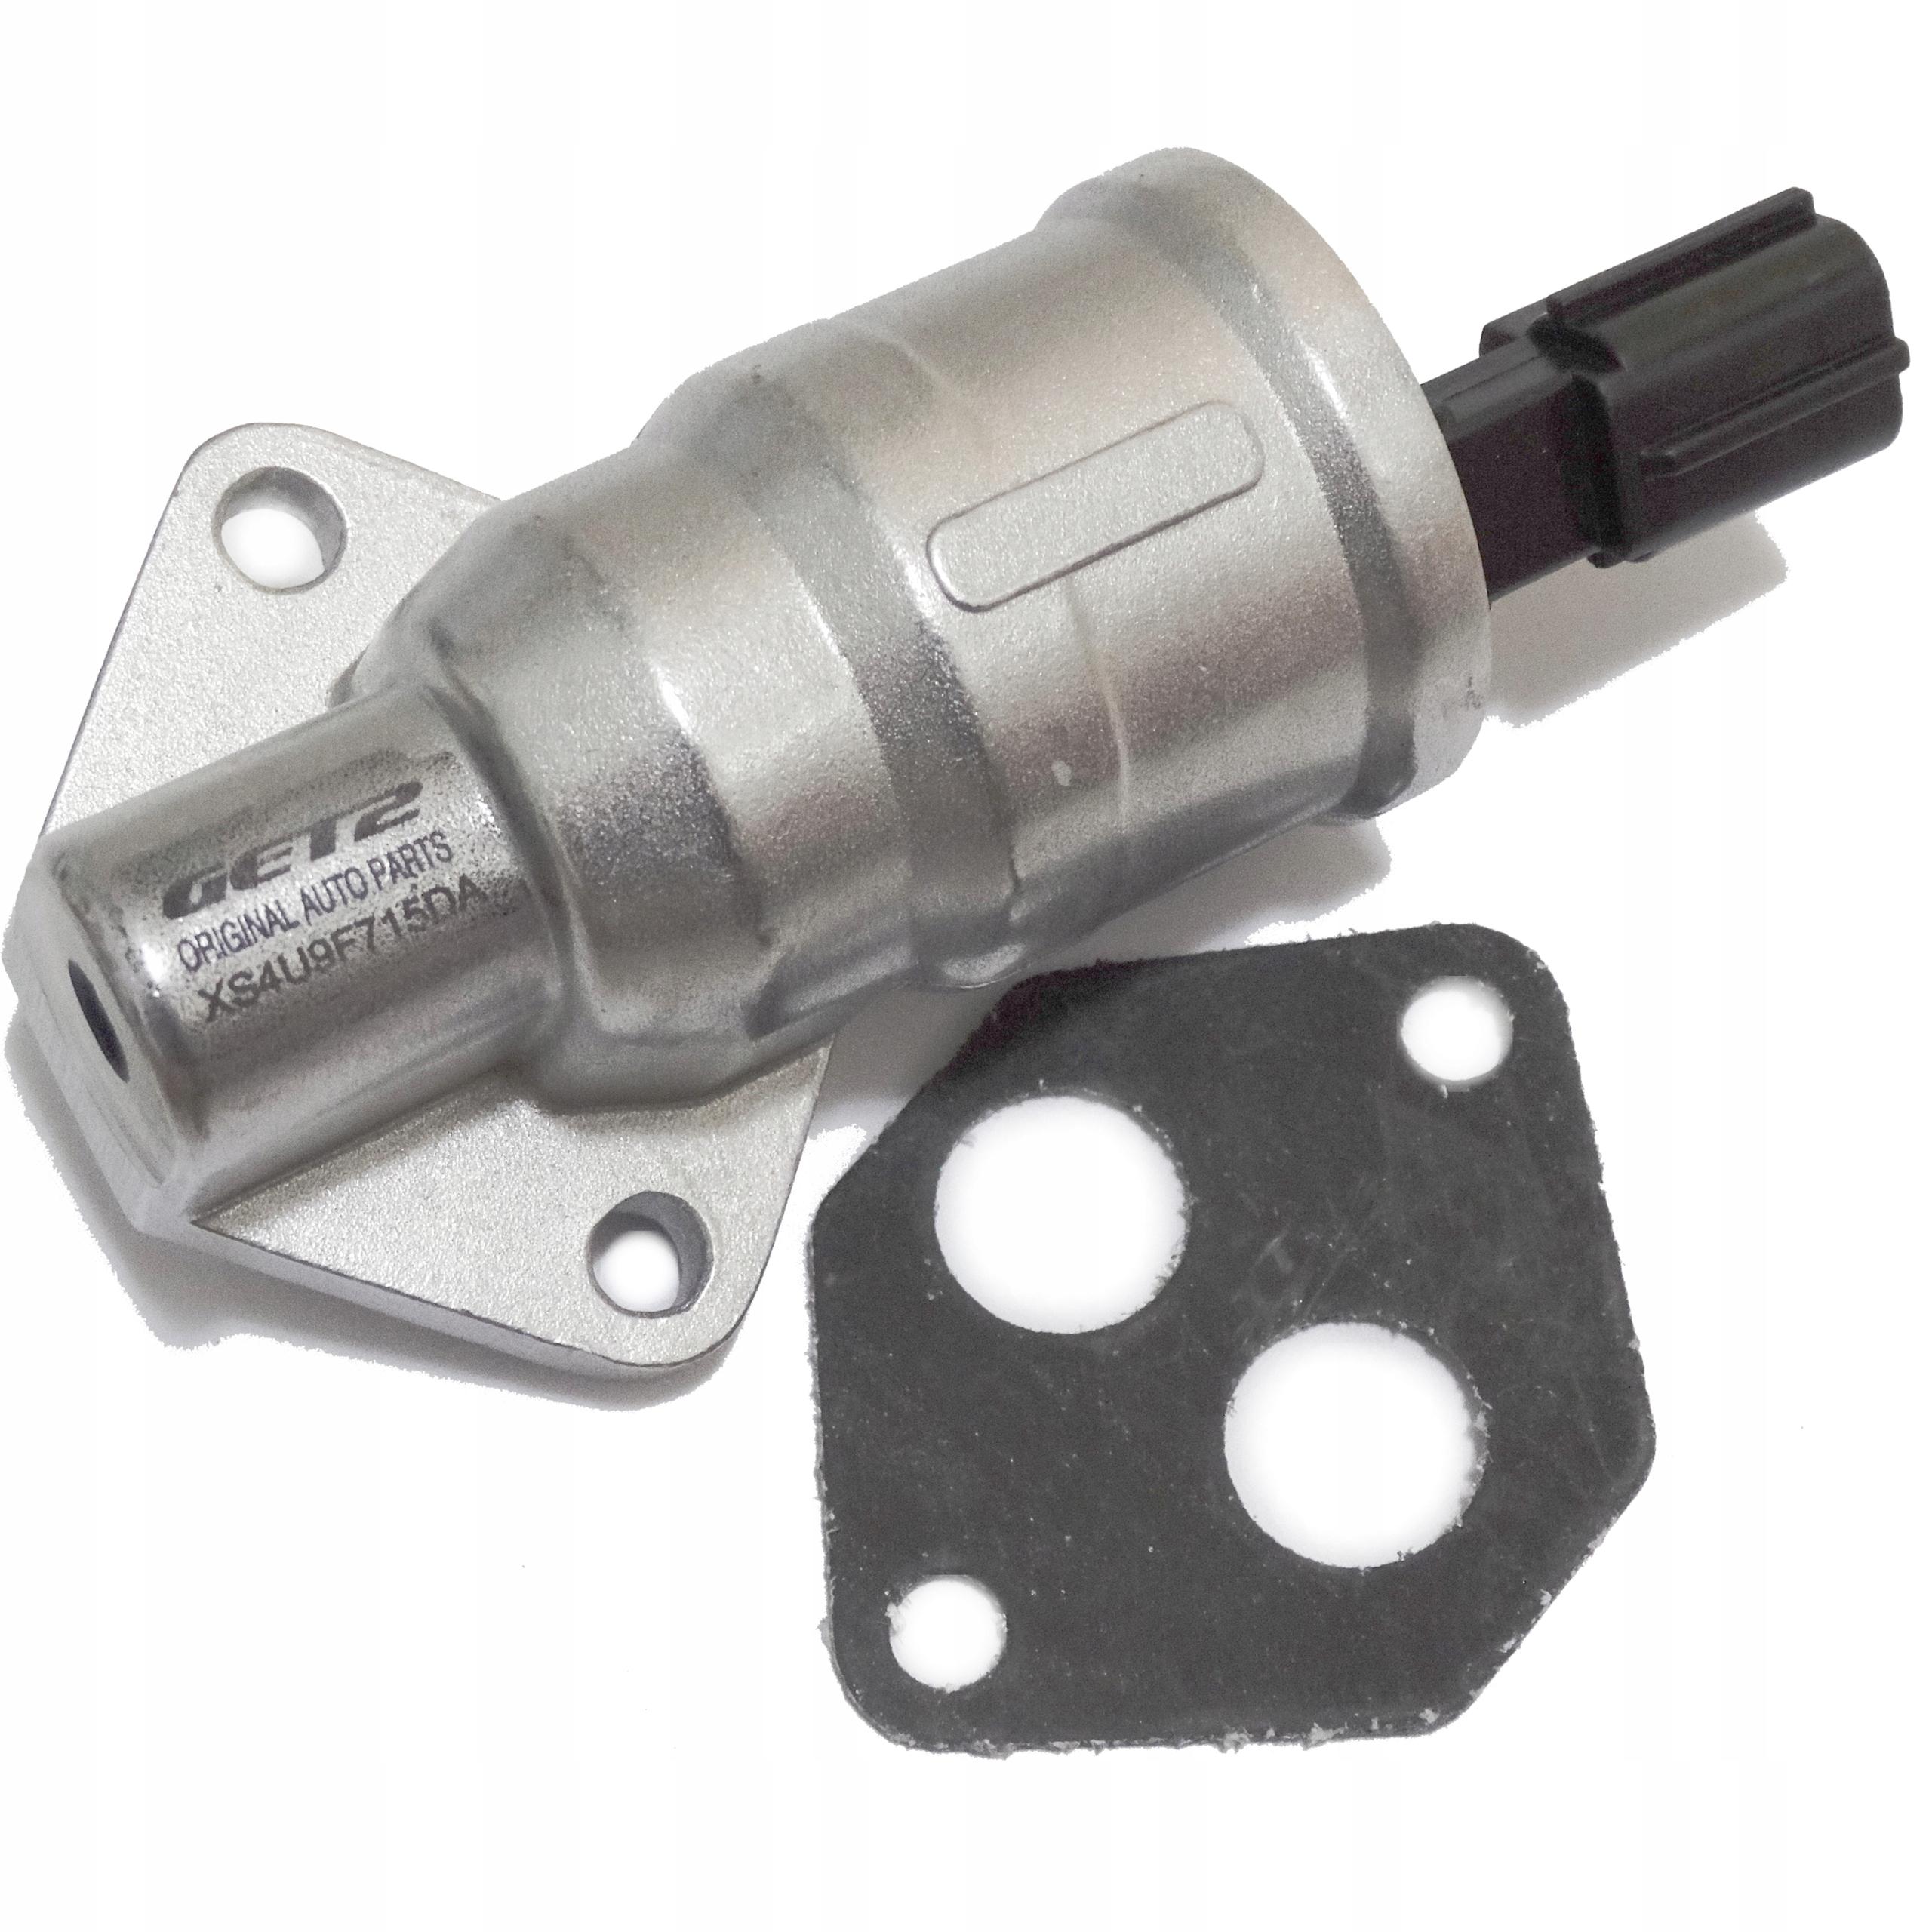 двигатель шаговый ford focus i mk1 14 16v 16 16v